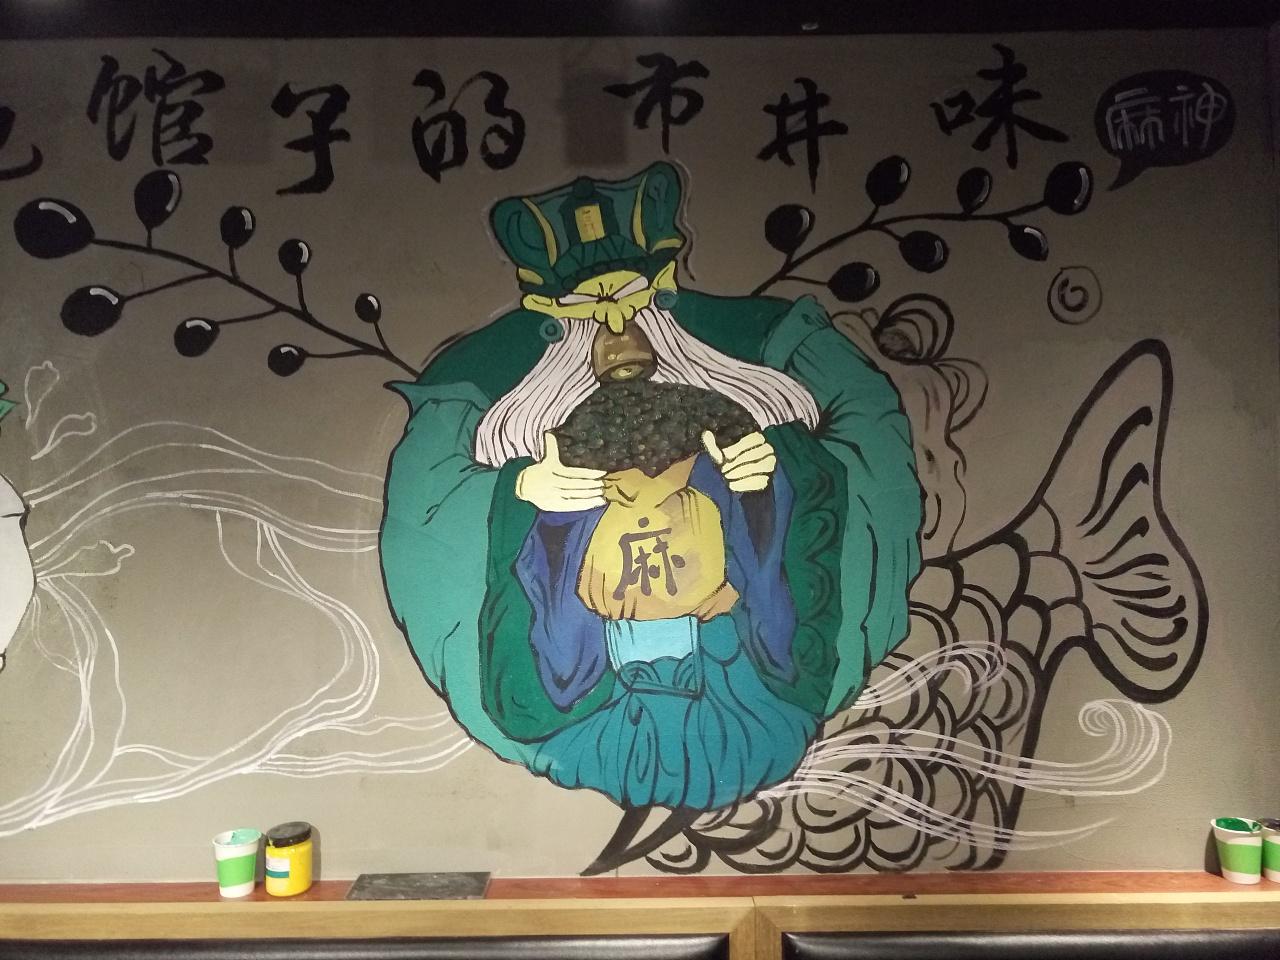 广州天河 面馆壁画,招牌彩绘